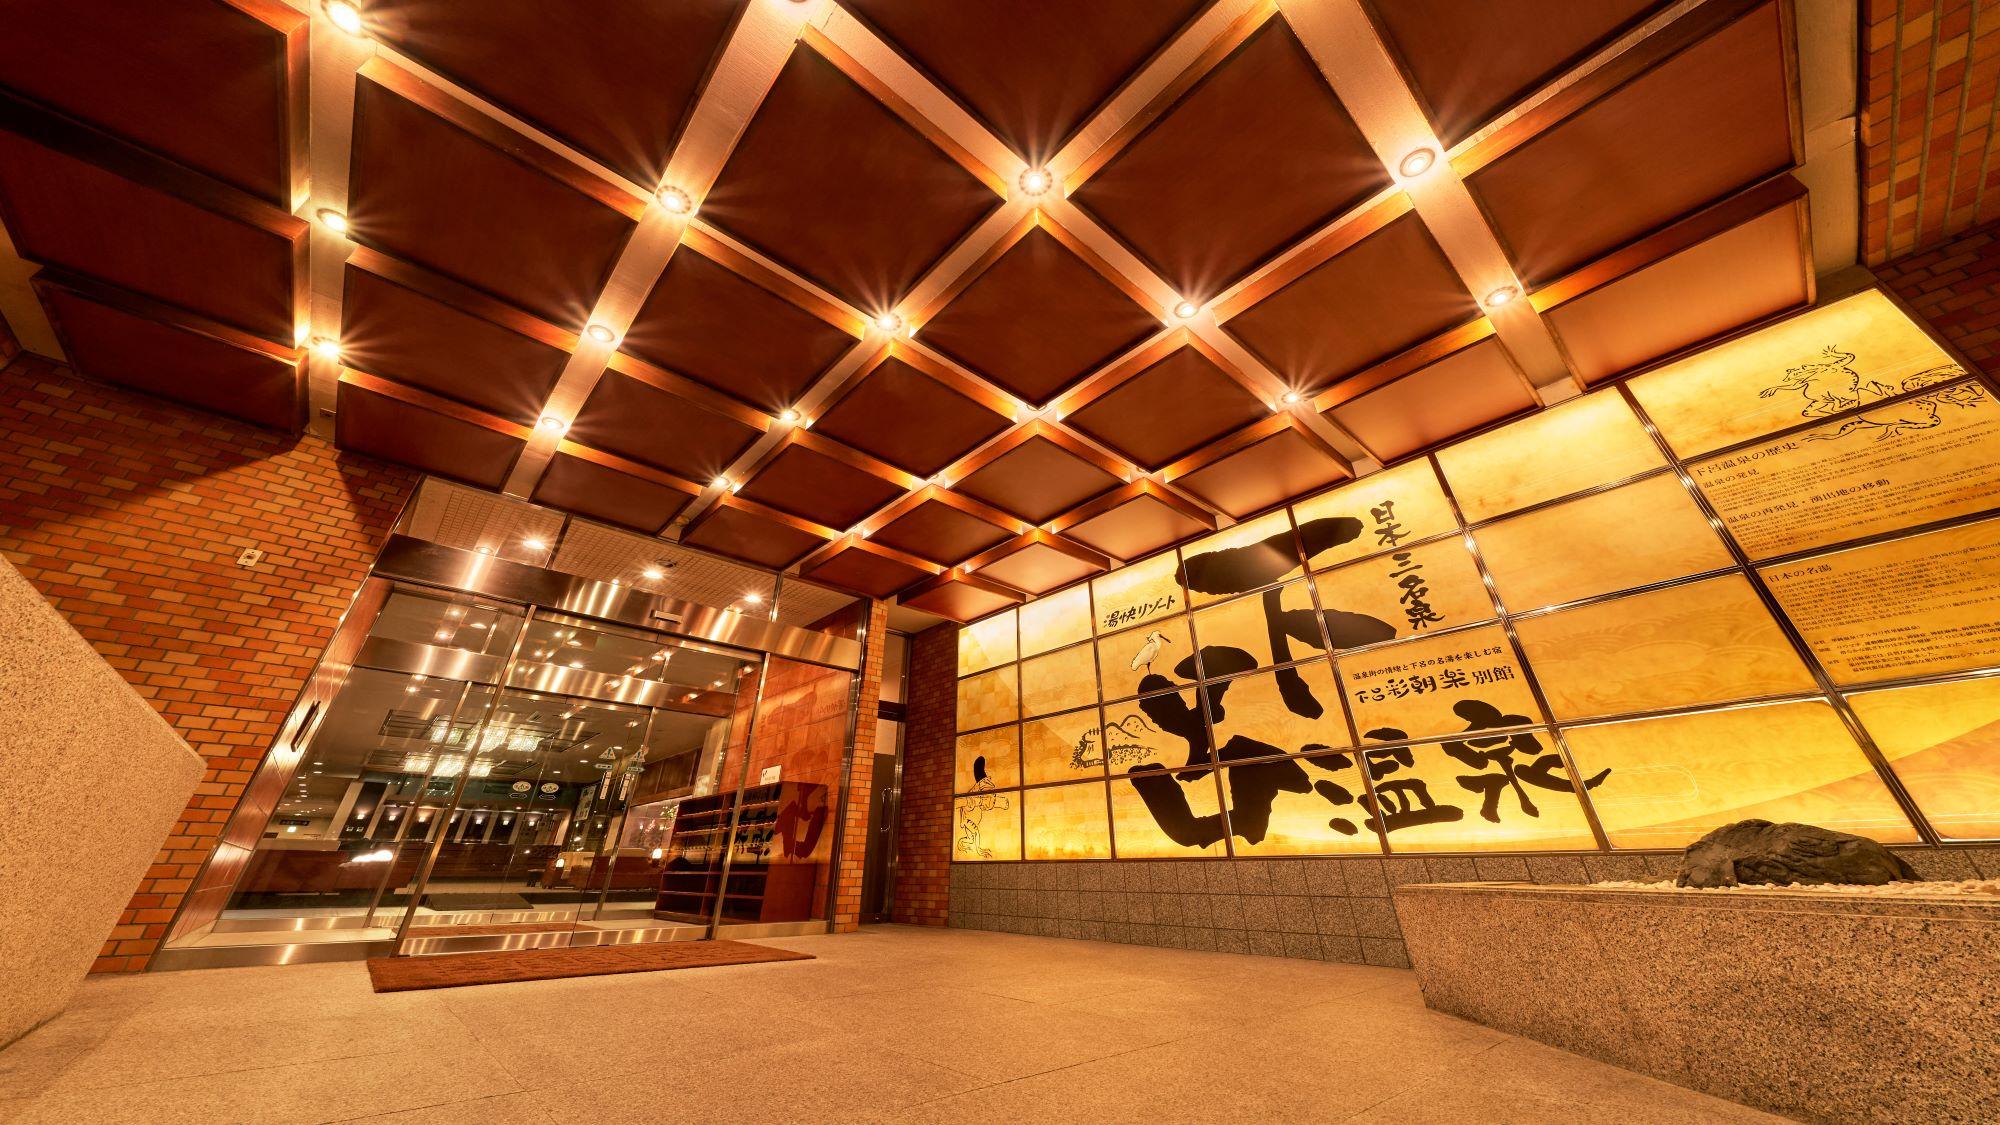 下呂温泉で友人と卓球を楽しめるようなお宿を探しています。